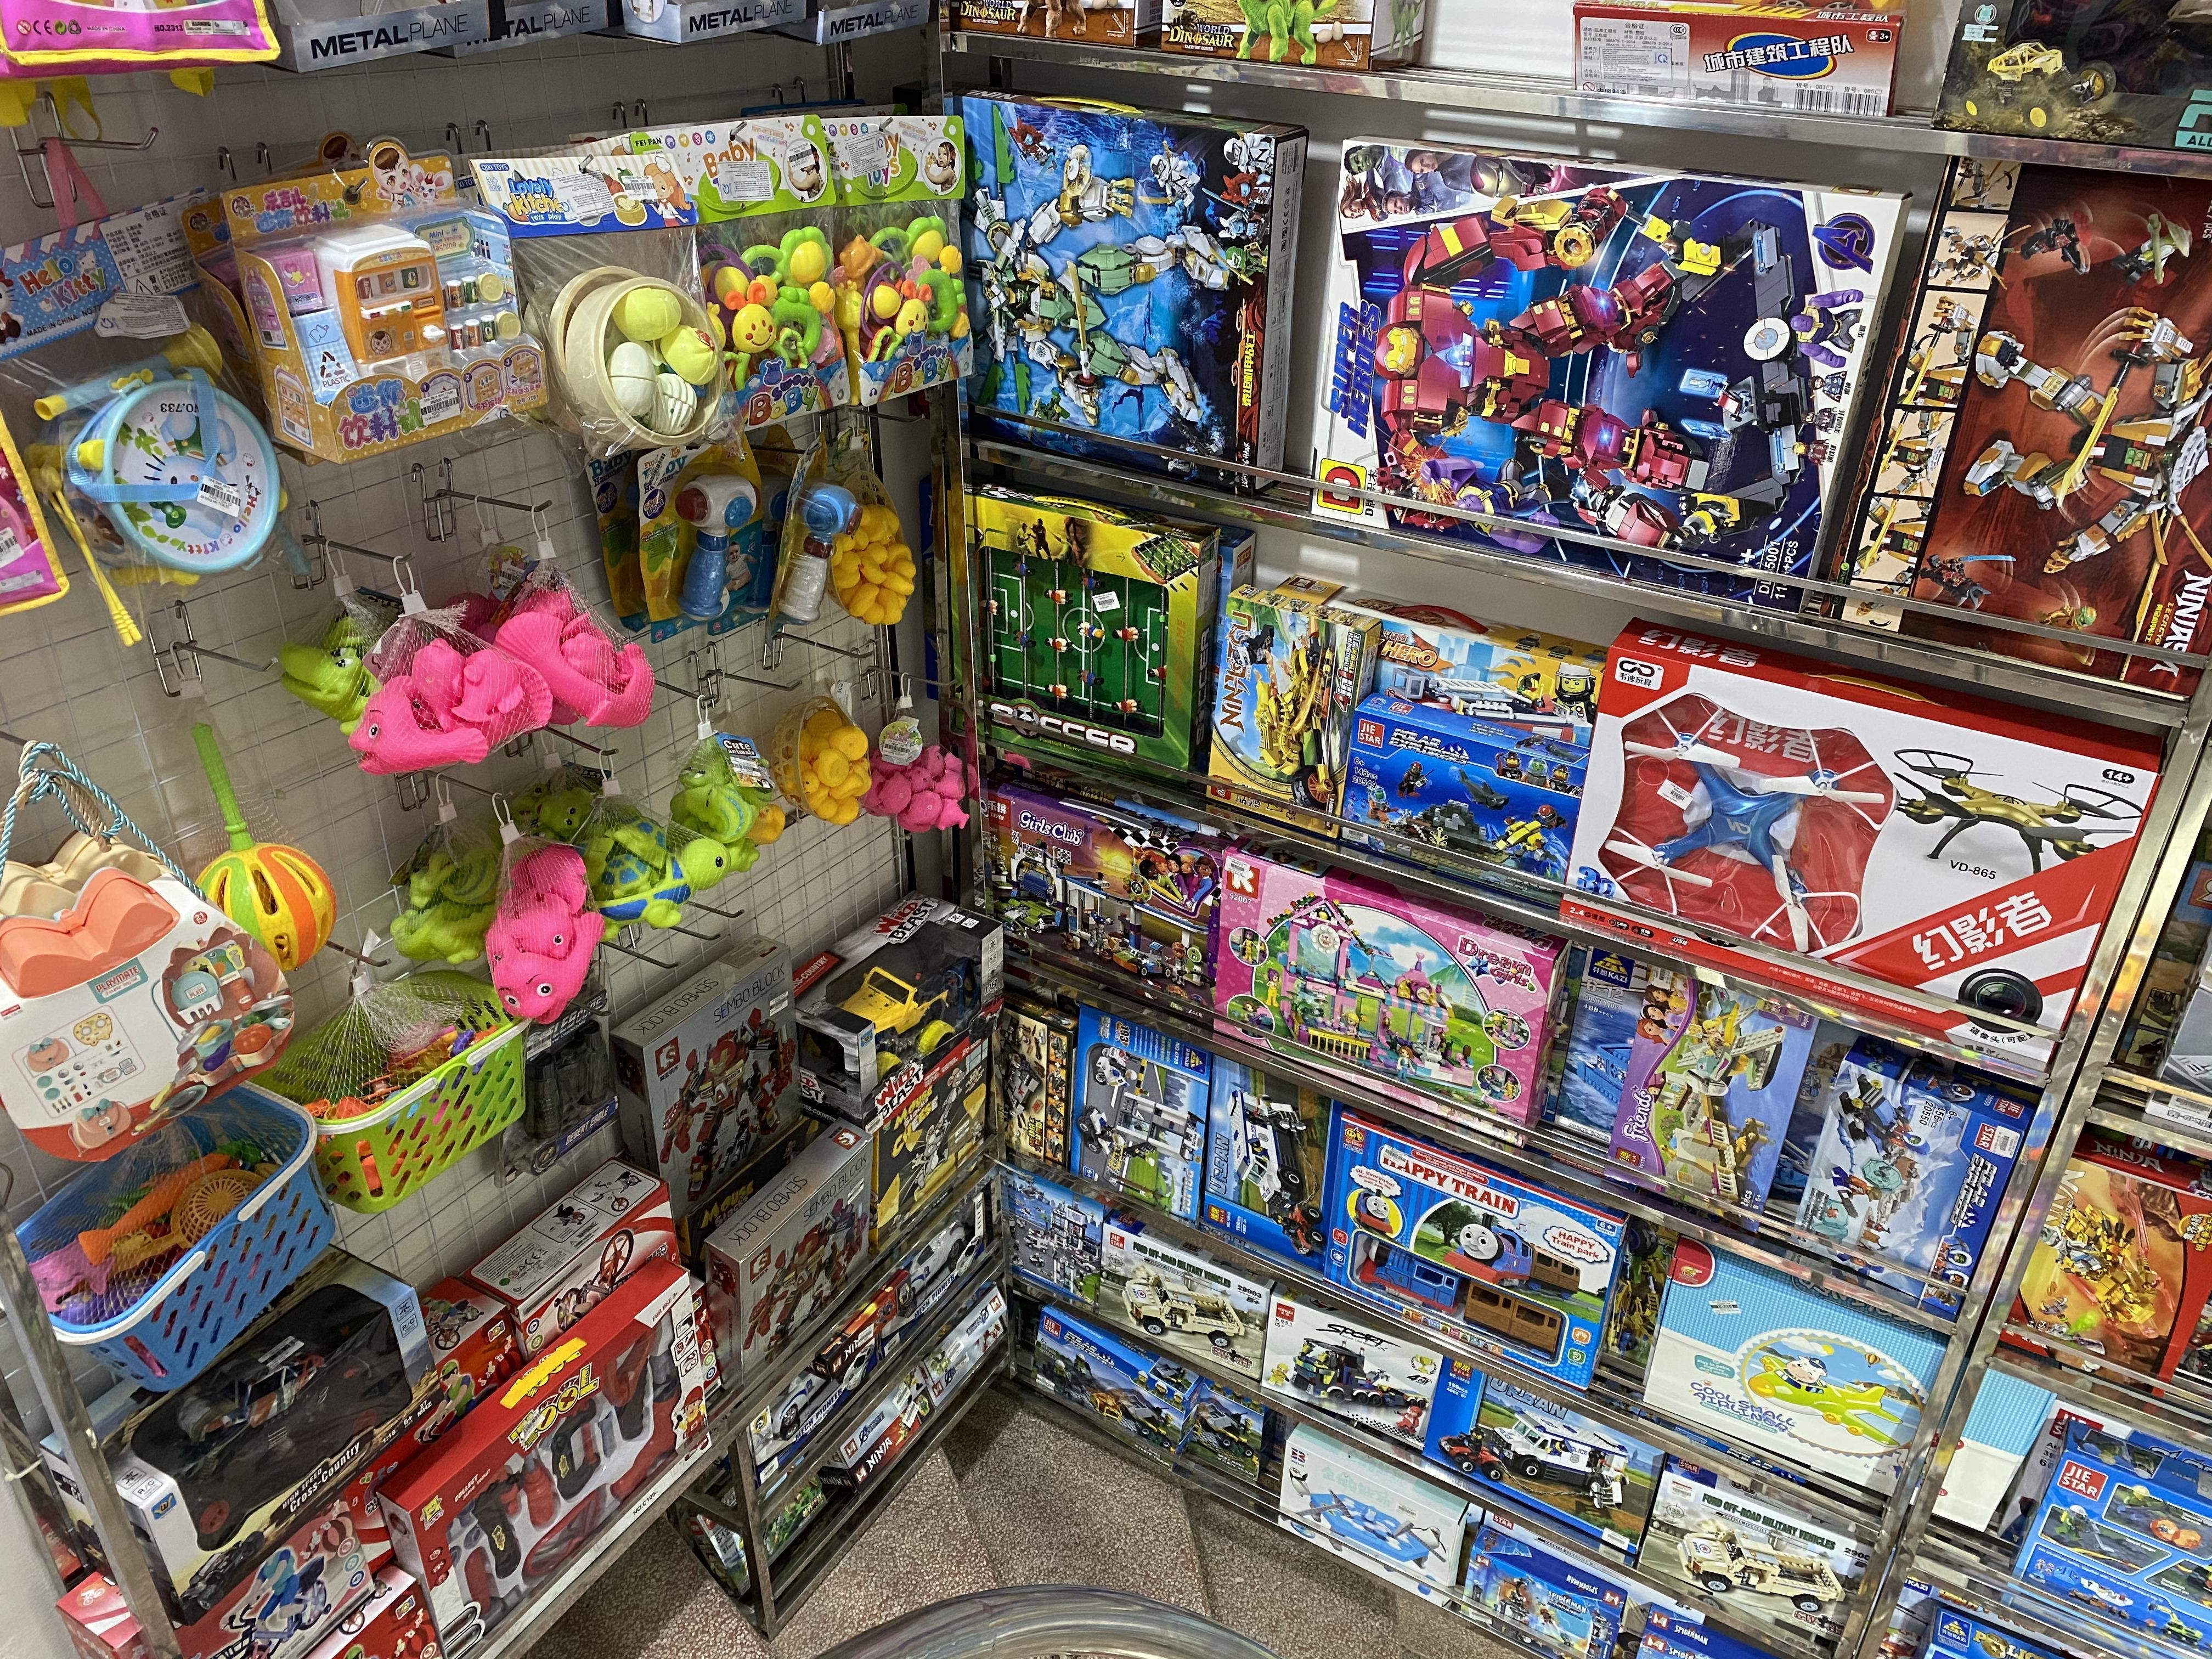 Hệ thống nhà sách Minh Thuận bán đồ chơi trẻ em kém chất lượng, hàng hóa không rõ nguồn gốc?